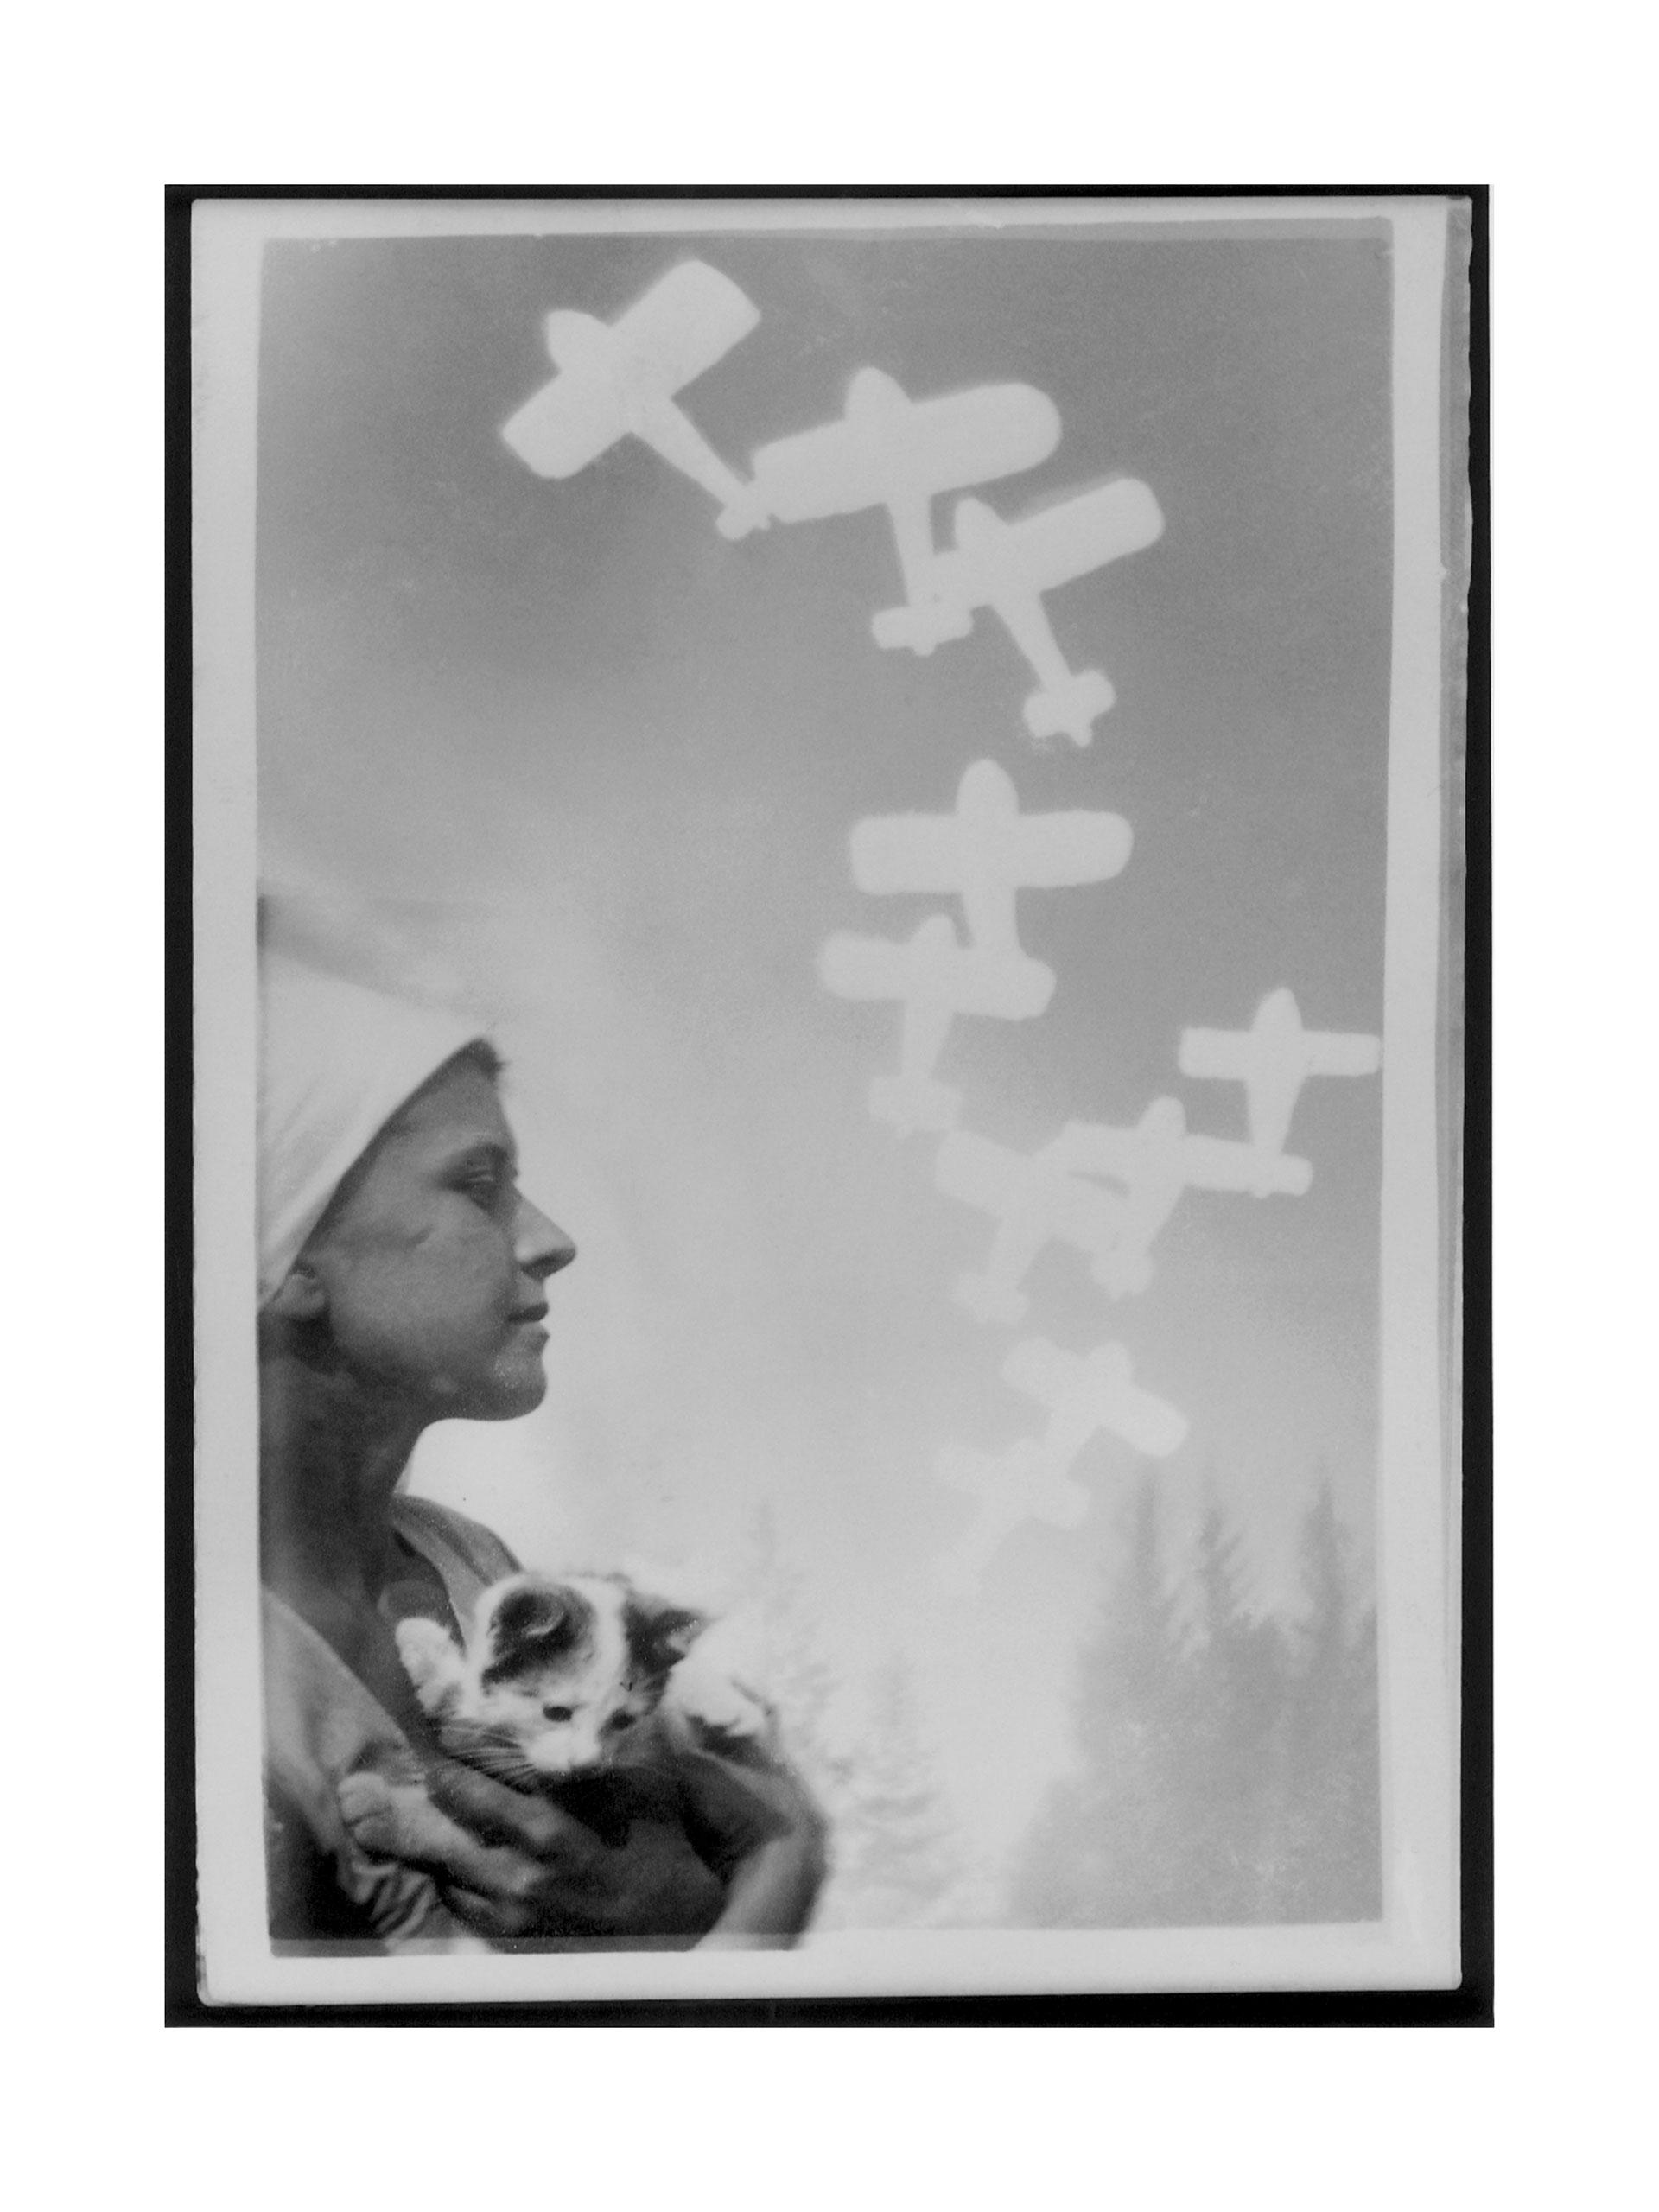 Image of Fotografika - Lektuveliai/ Photographics - Little Planes by Domicele Tarabildiene